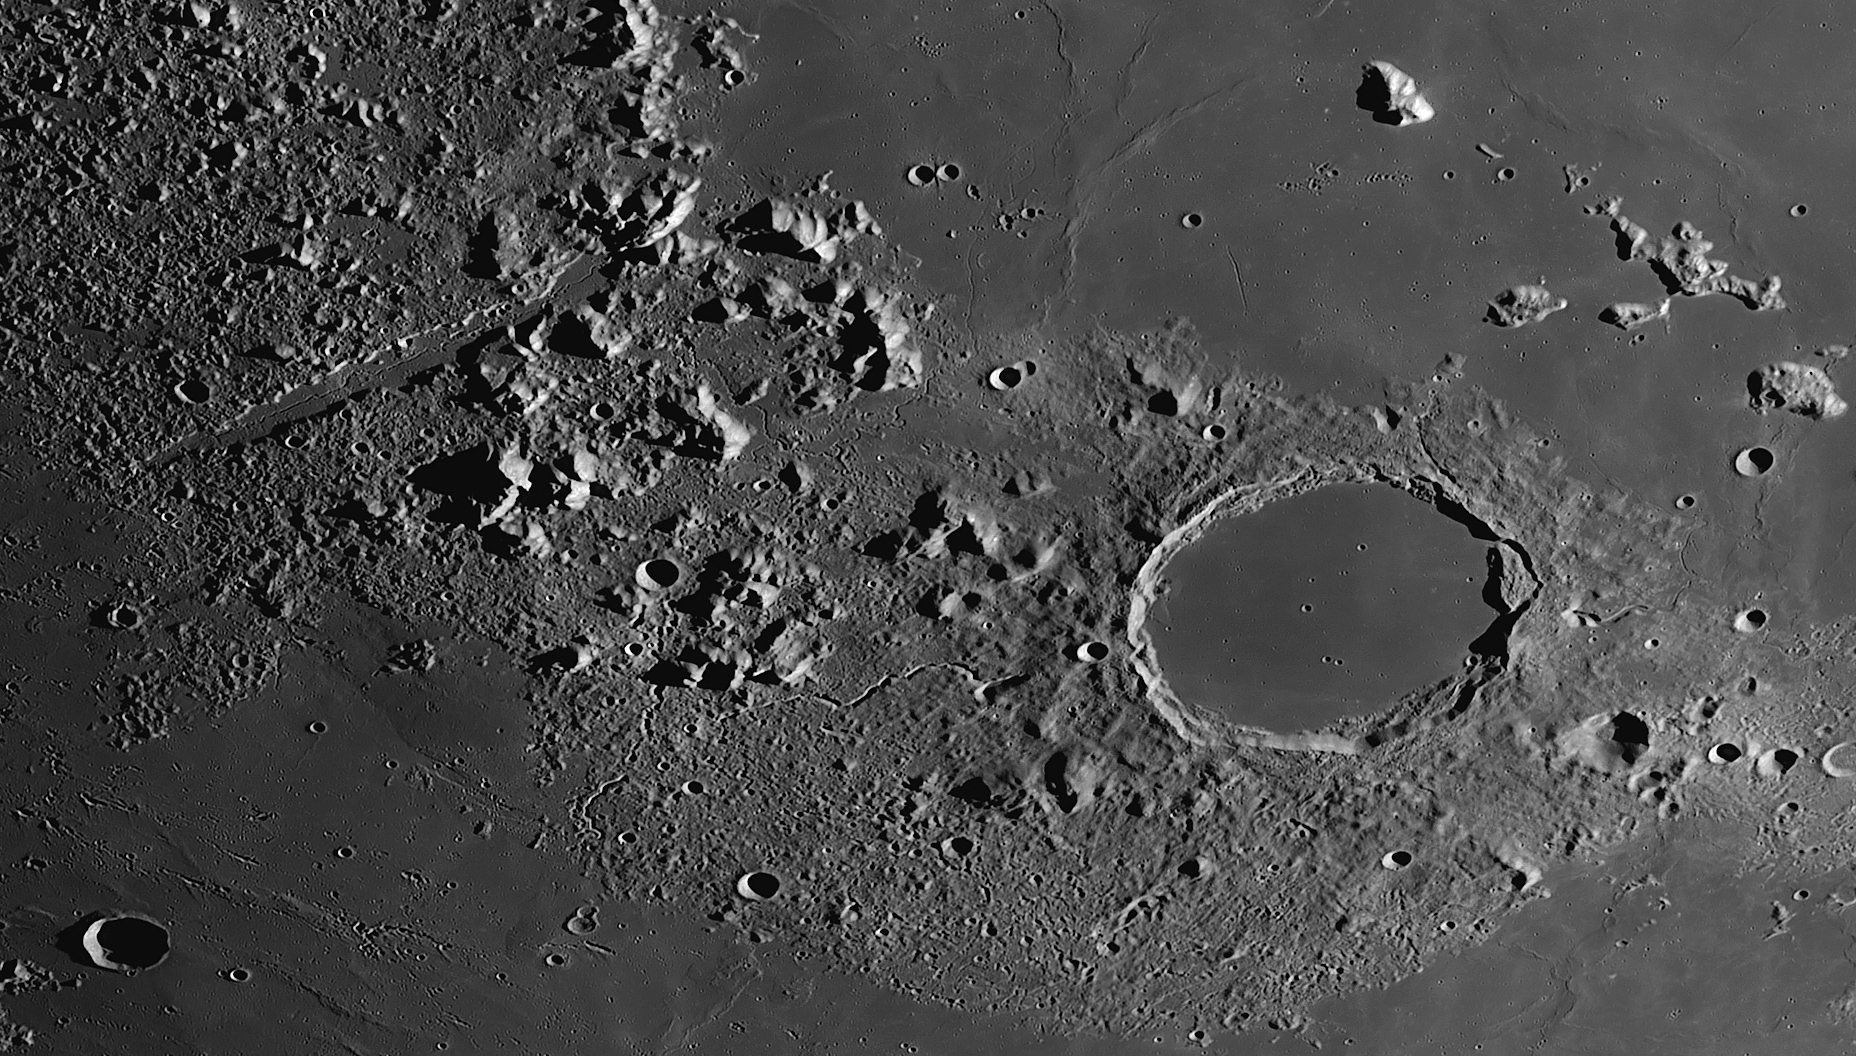 http://www.astrophoto.fr/l160824-100-crop-platon.jpg